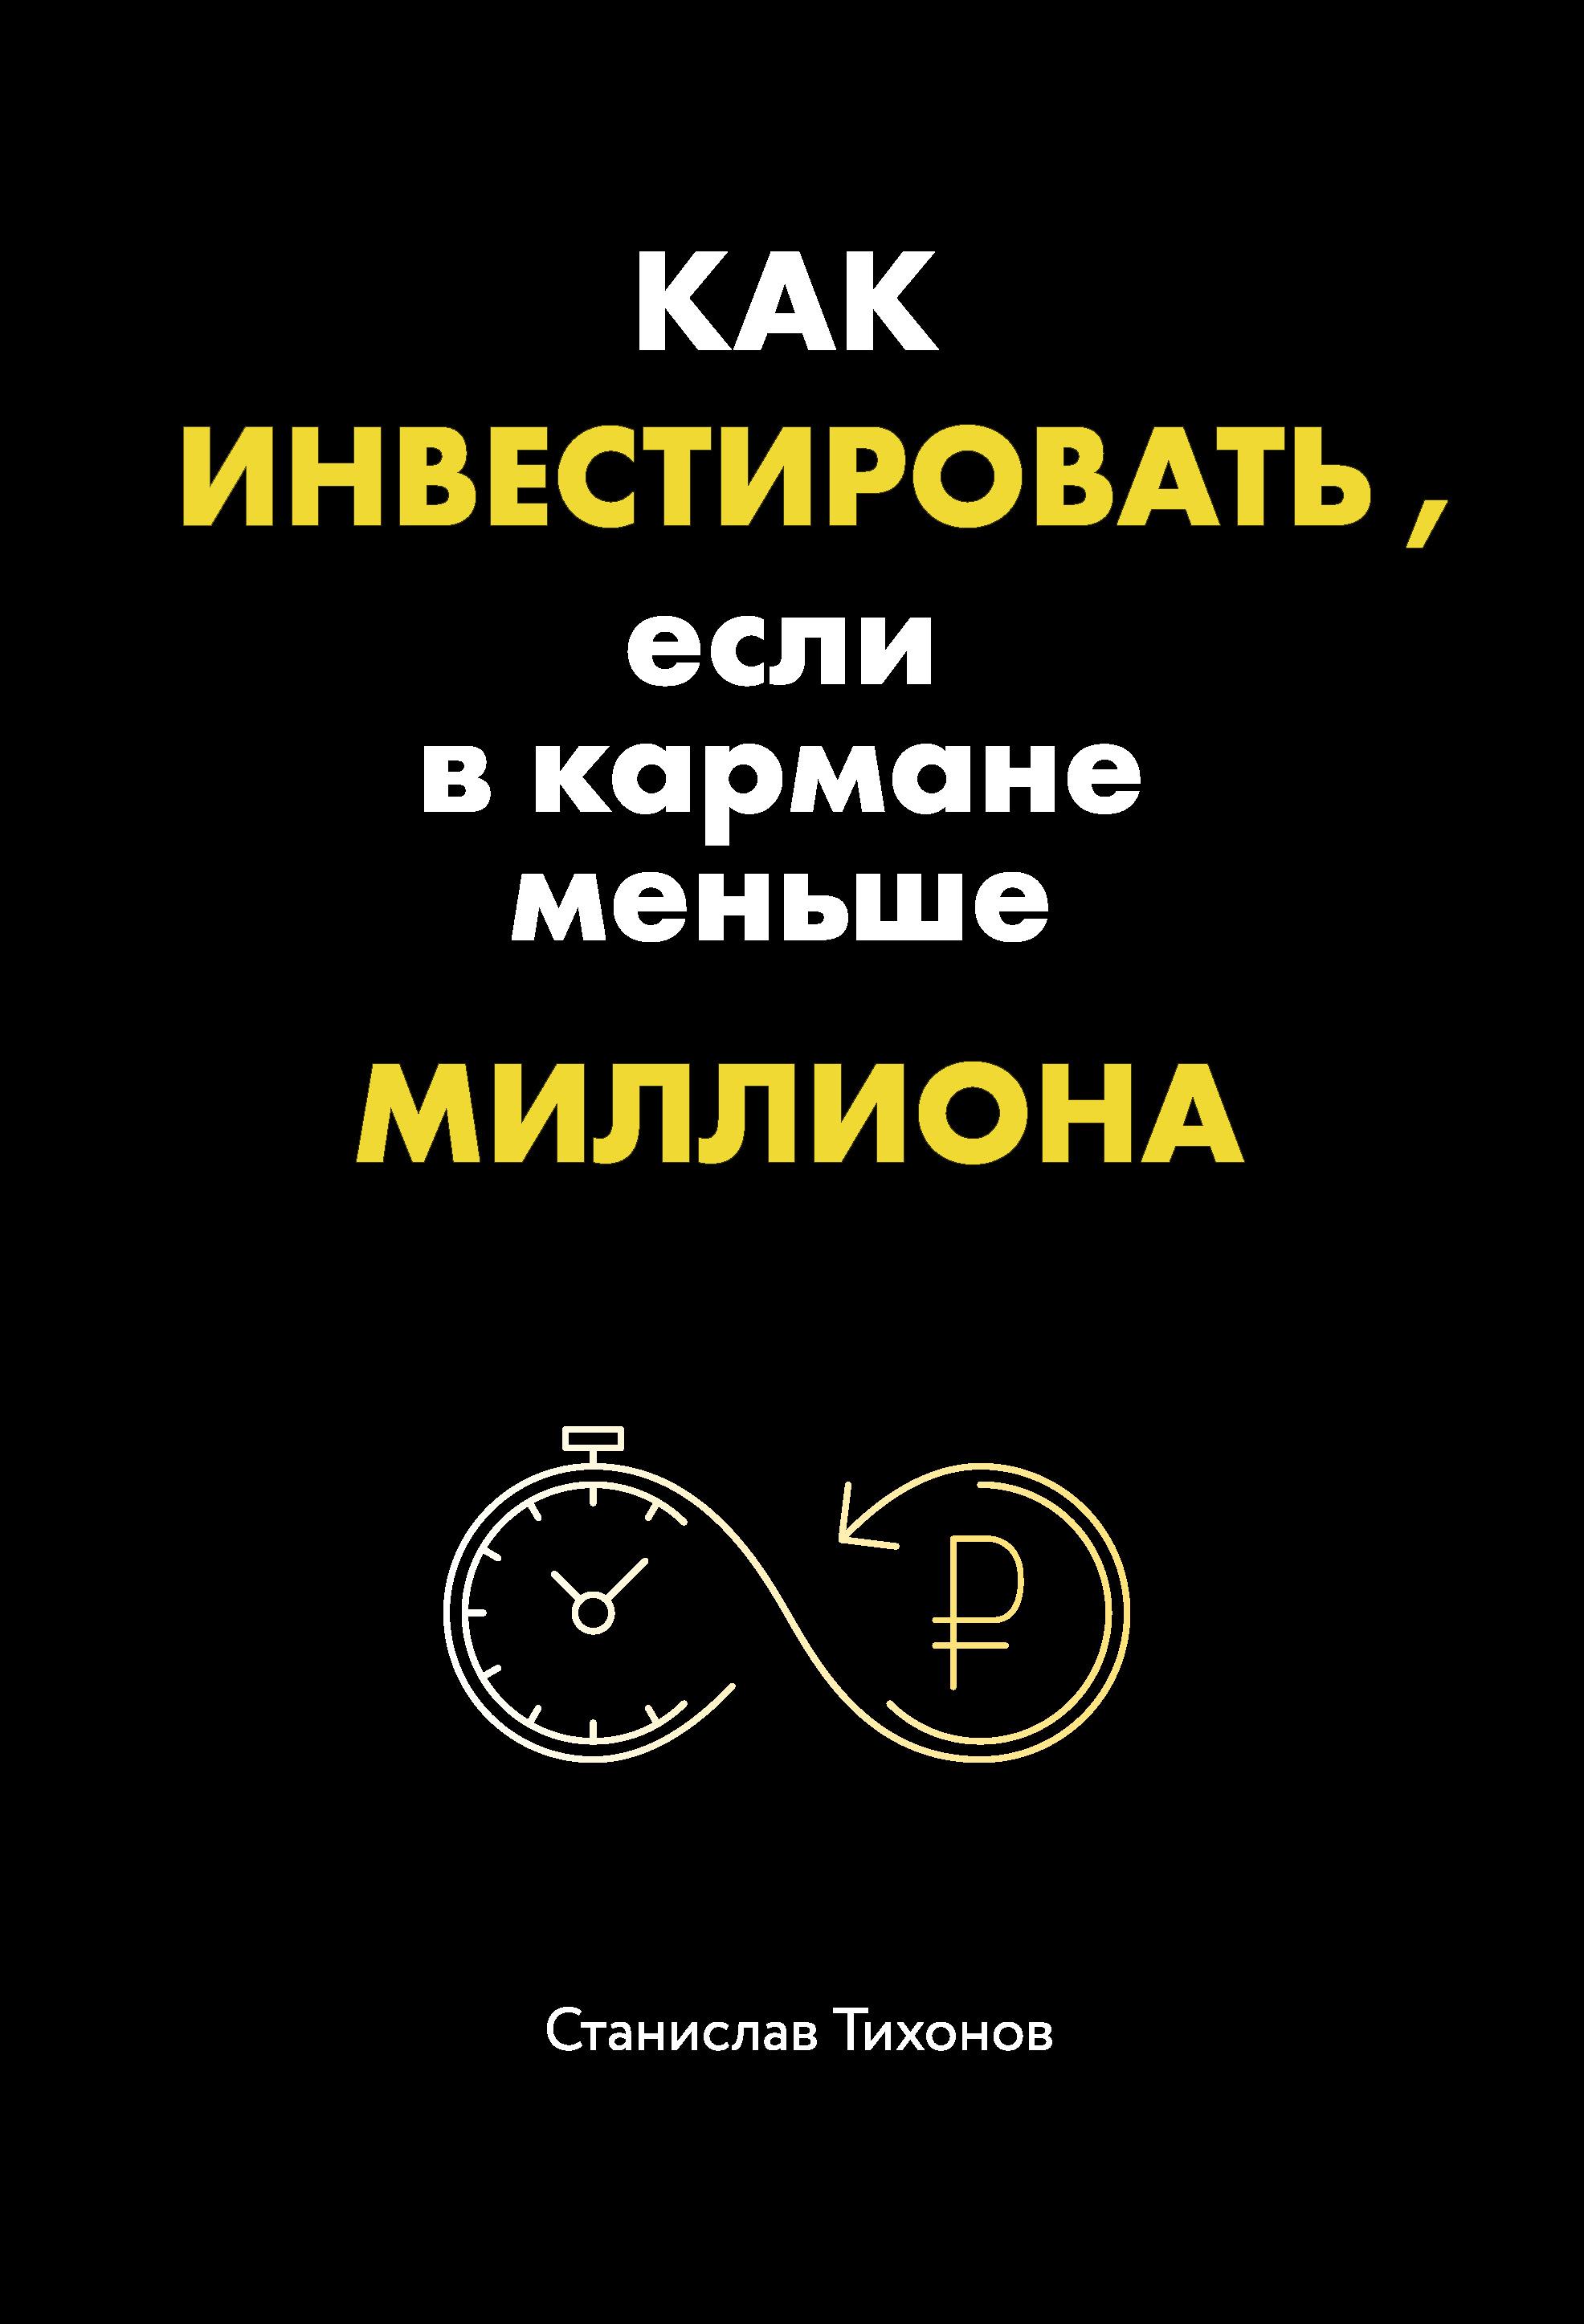 Обложка книги. Автор - Станислав Тихонов